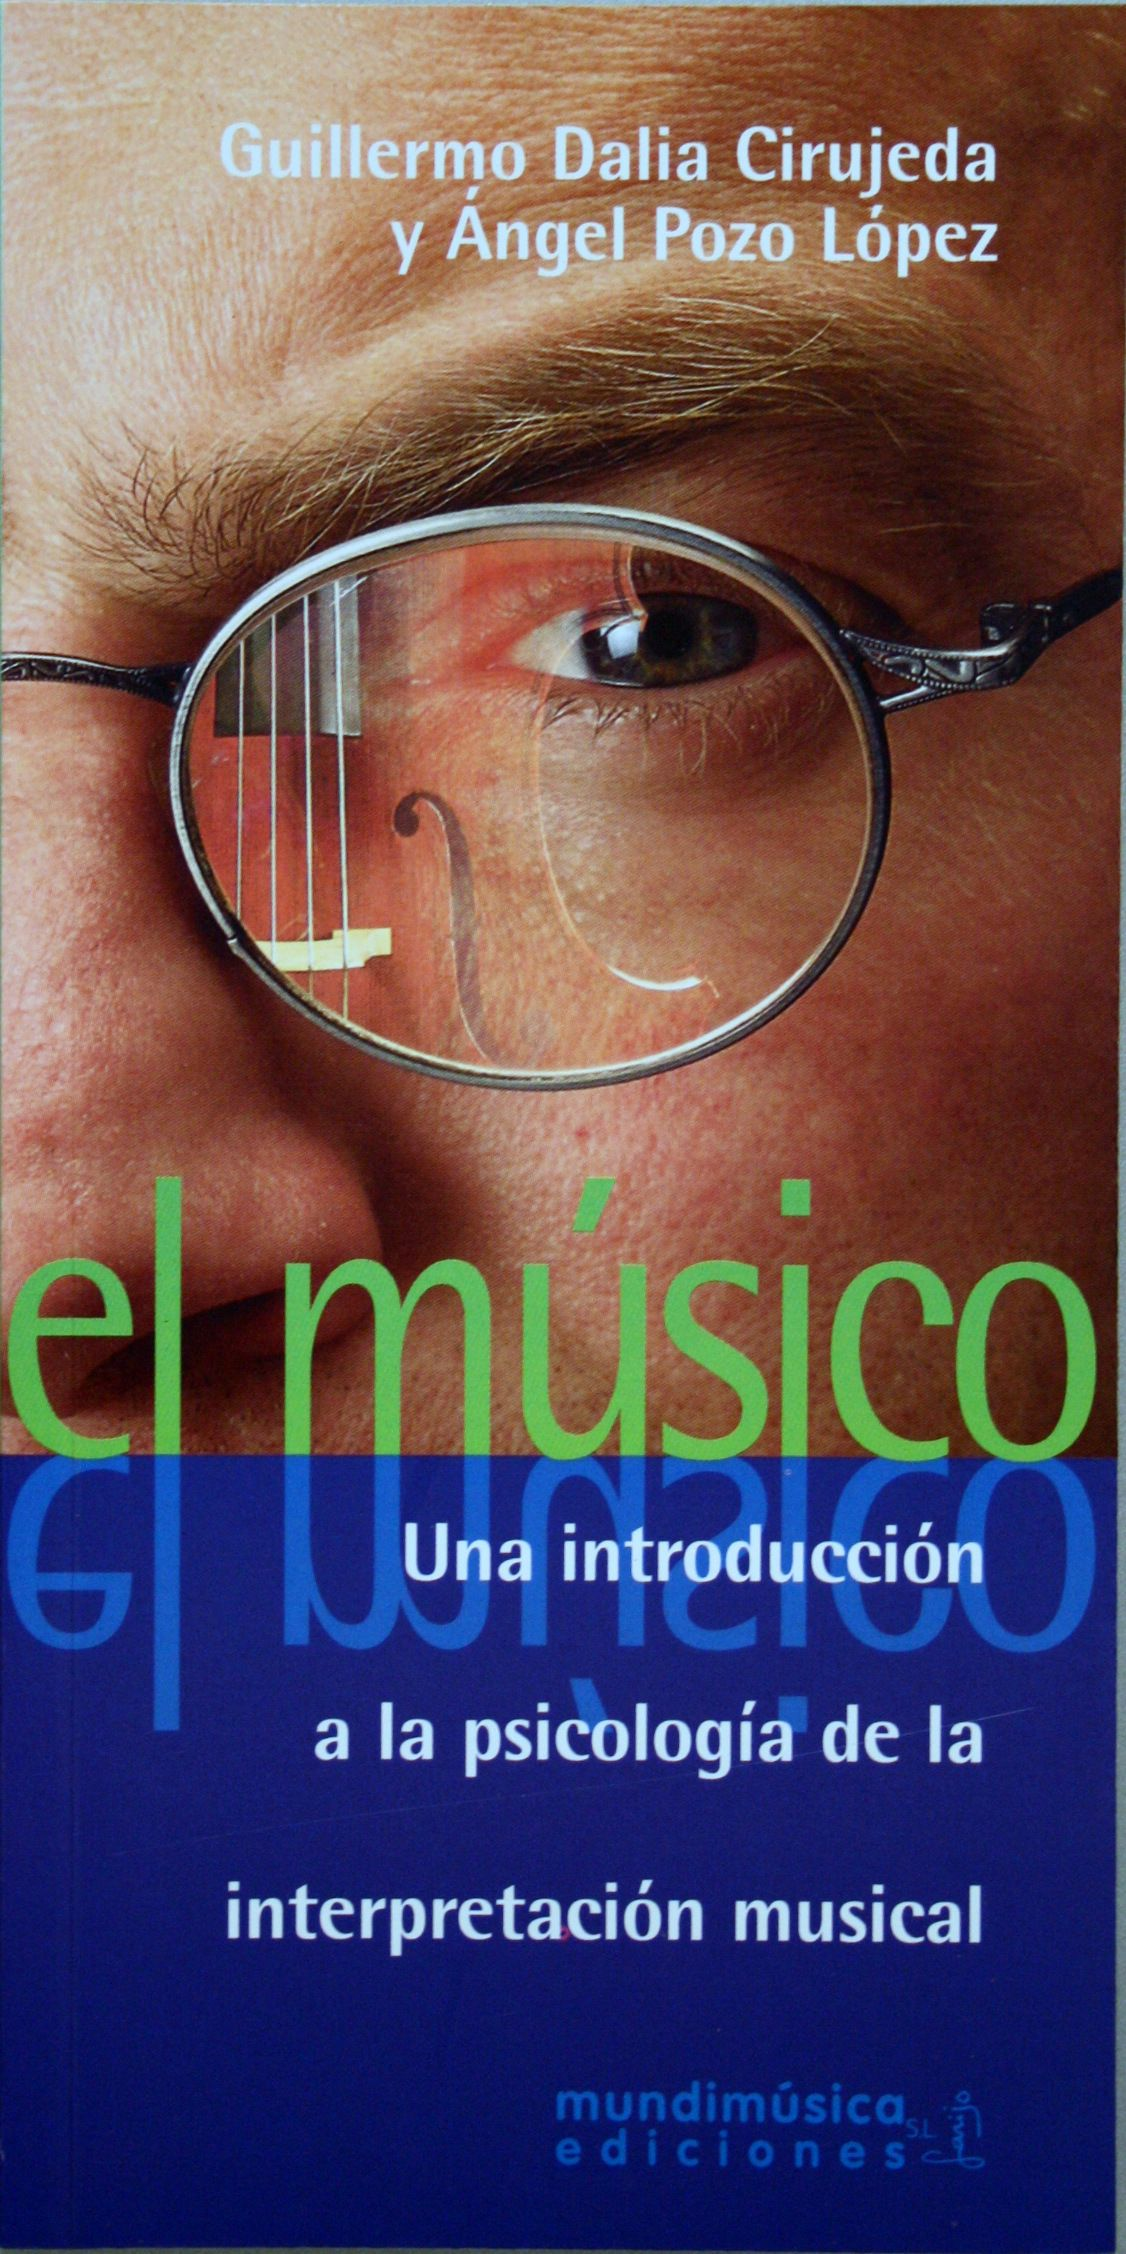 El músico : una introducción a la psicología de la interpretación musical / Guillermo Dalia Cirujeda y Angel Pozo López. + info: http://laquintademahler.com/shop/detalle.aspx?id=104157